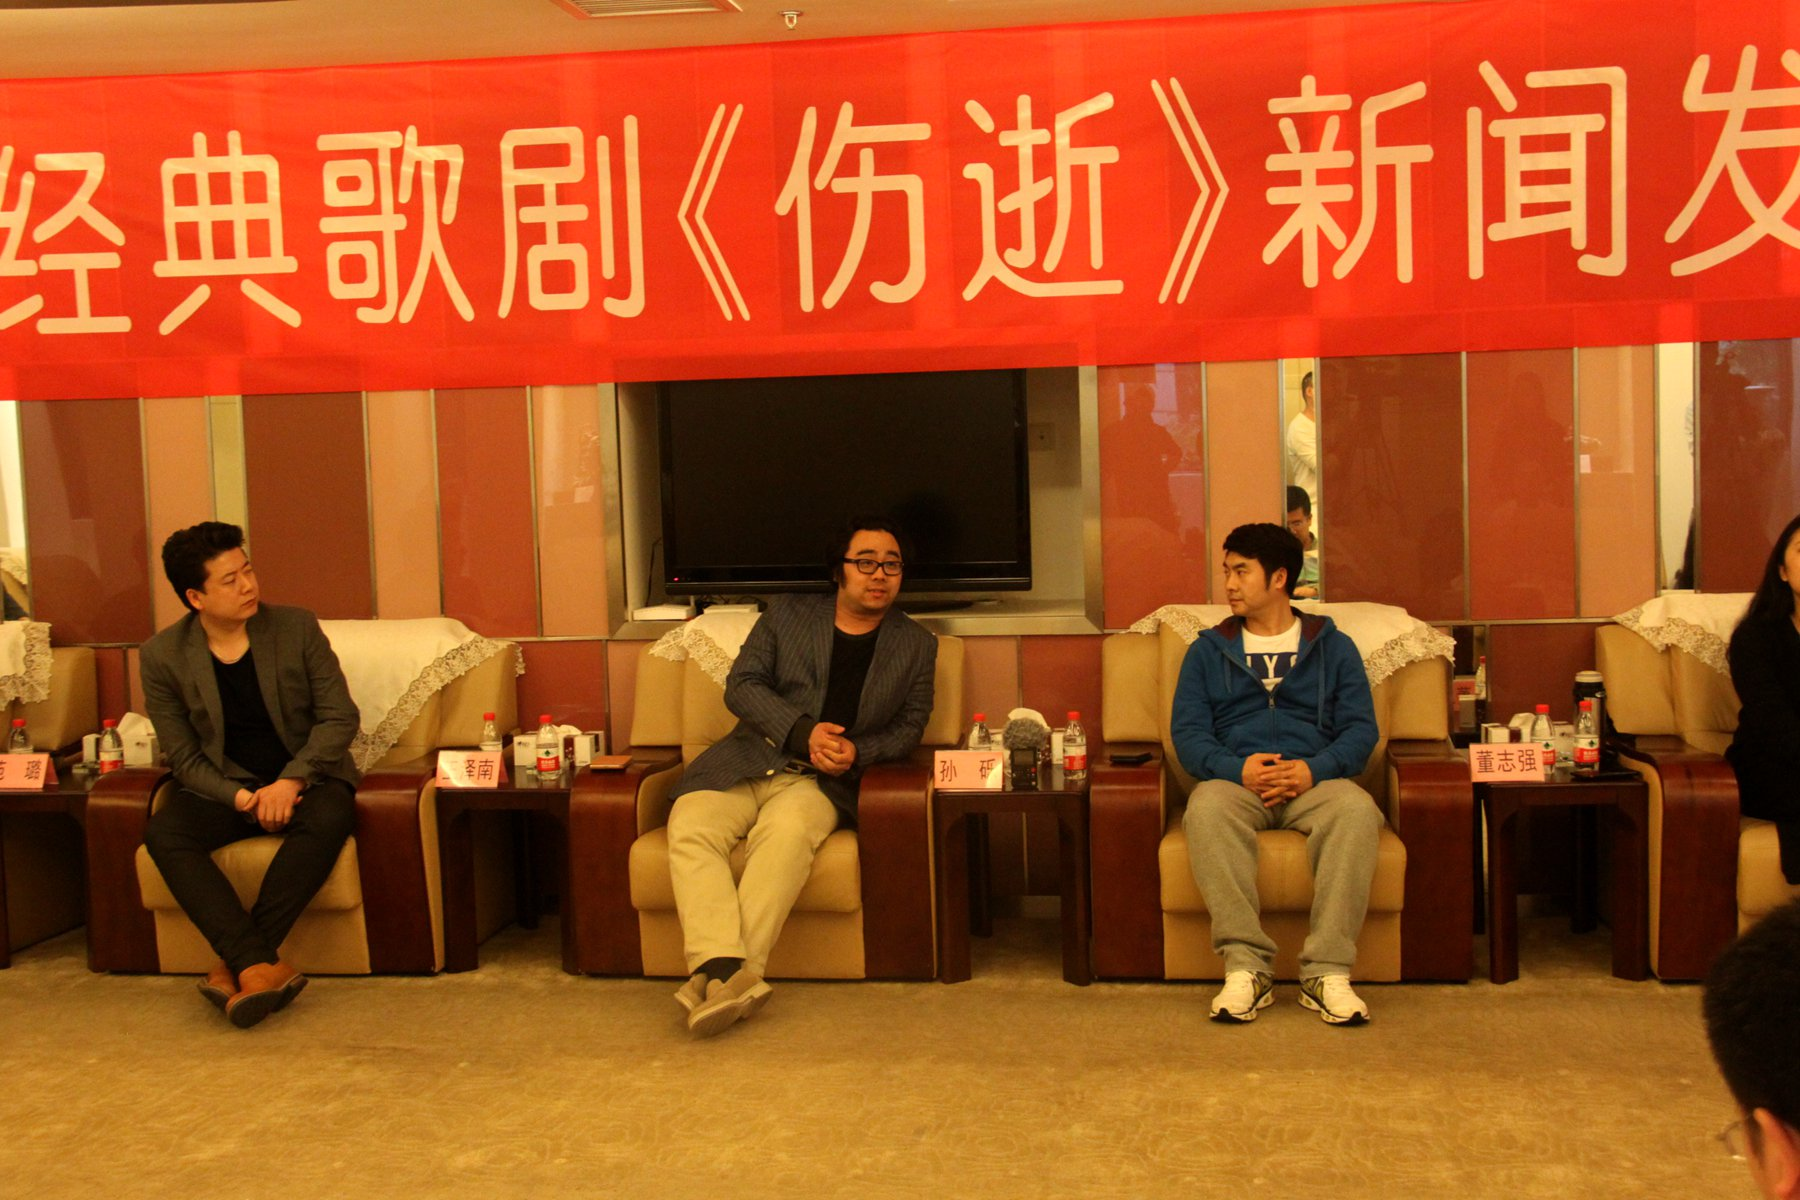 中国新闻网 中国歌剧史上首部抒情歌剧《伤逝》复排将在福州首演